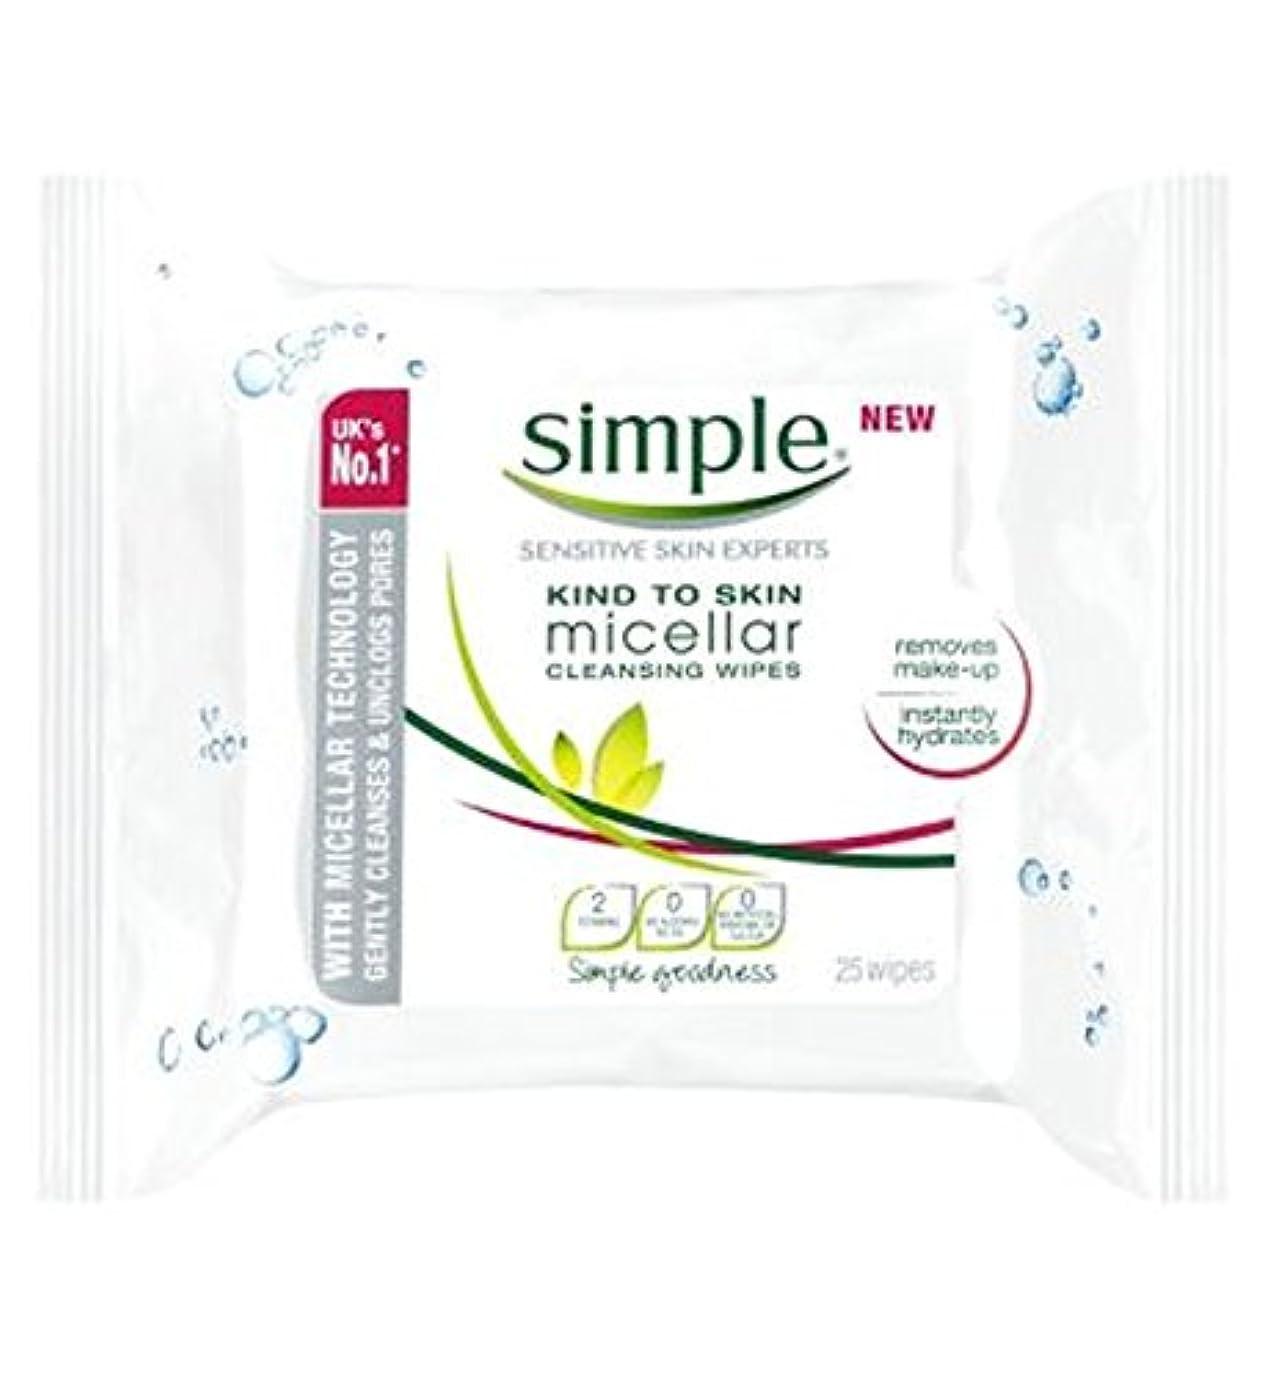 間違いこっそりツーリストSimple Kind To Skin Micellar Cleansing Wipes - 25 wipes - 皮膚ミセルクレンジングへの単純な種類がワイプ - 25ワイプ (Simple) [並行輸入品]